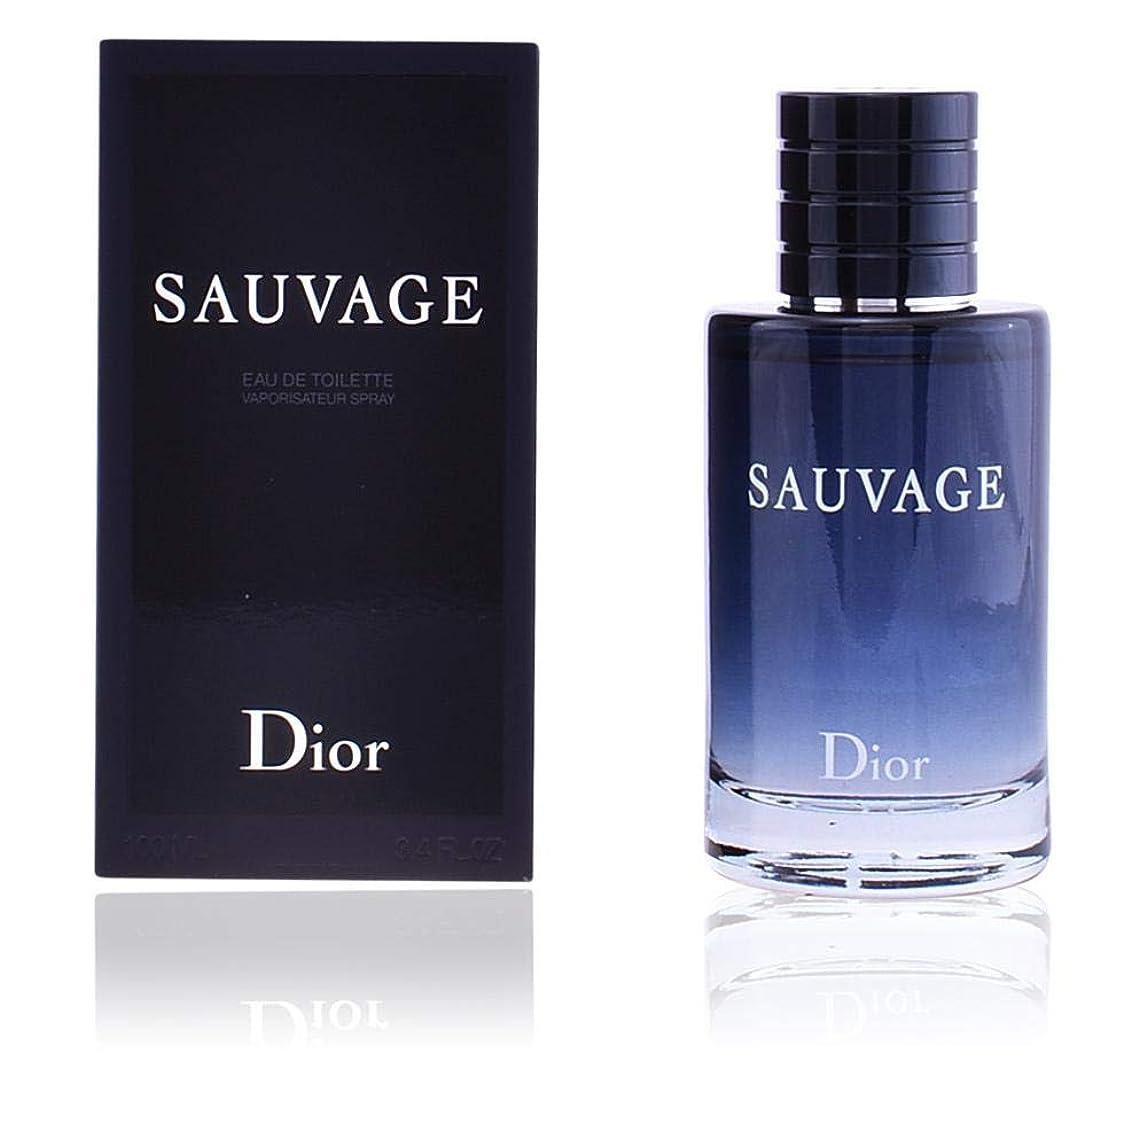 おとなしい理由ミネラルクリスチャン ディオール(Christian Dior) ソヴァージュ EDT SP 200ml[並行輸入品]